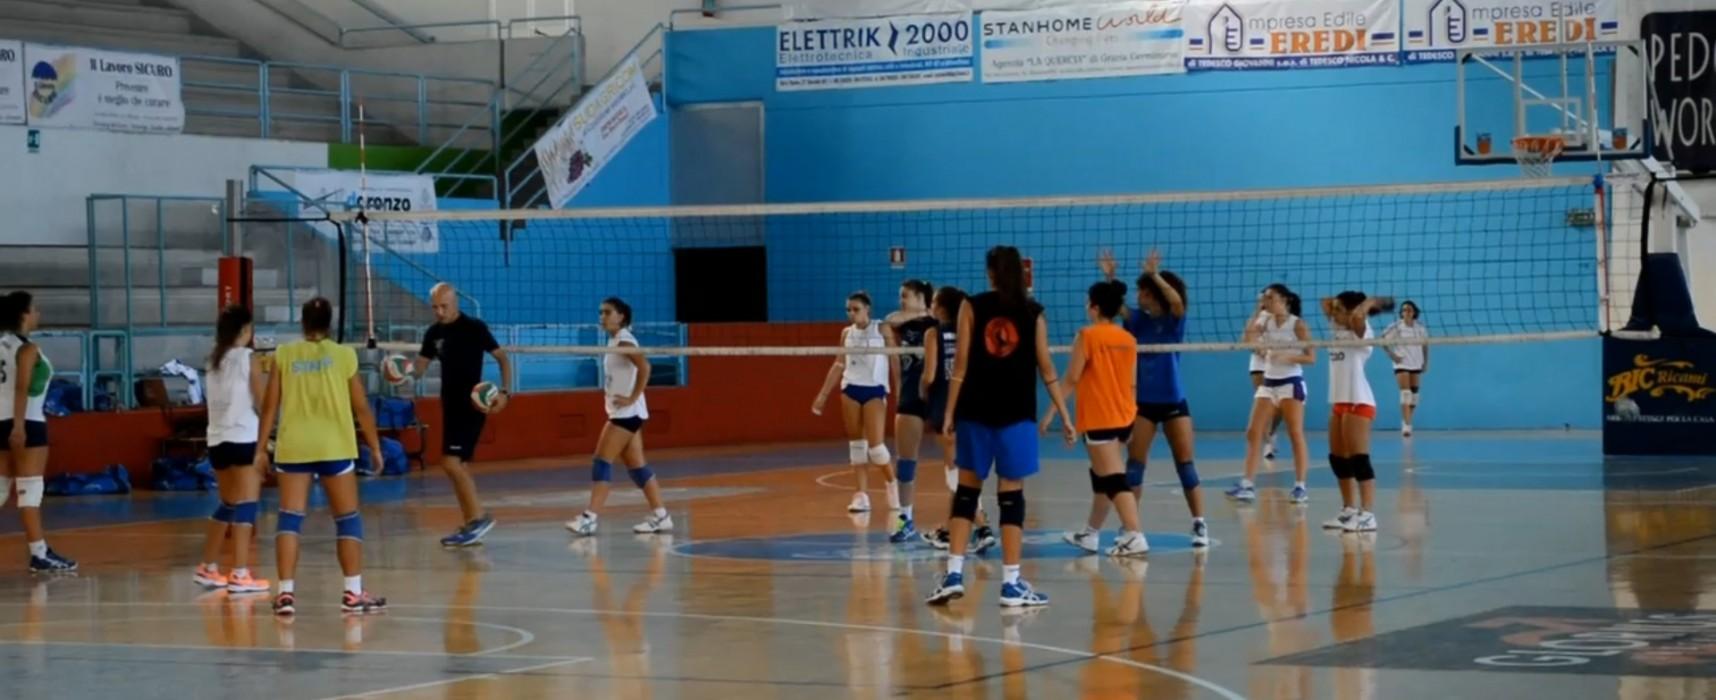 Sportilia Volley si prepara alla nuova stagione, interviste ai protagonisti // VIDEO